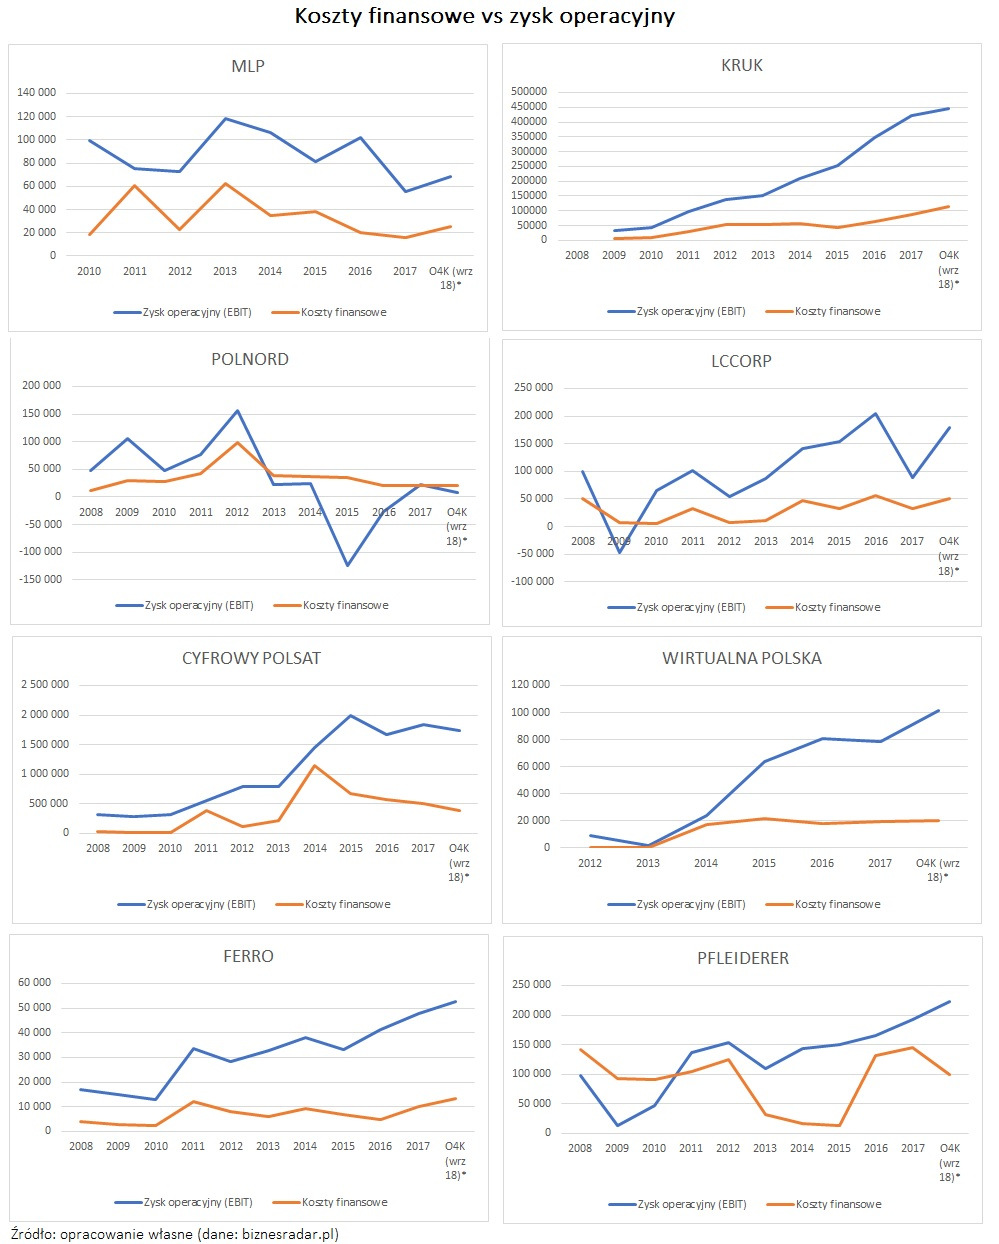 koszty-finansowe-vs-zysk-operacyjny-korelacja